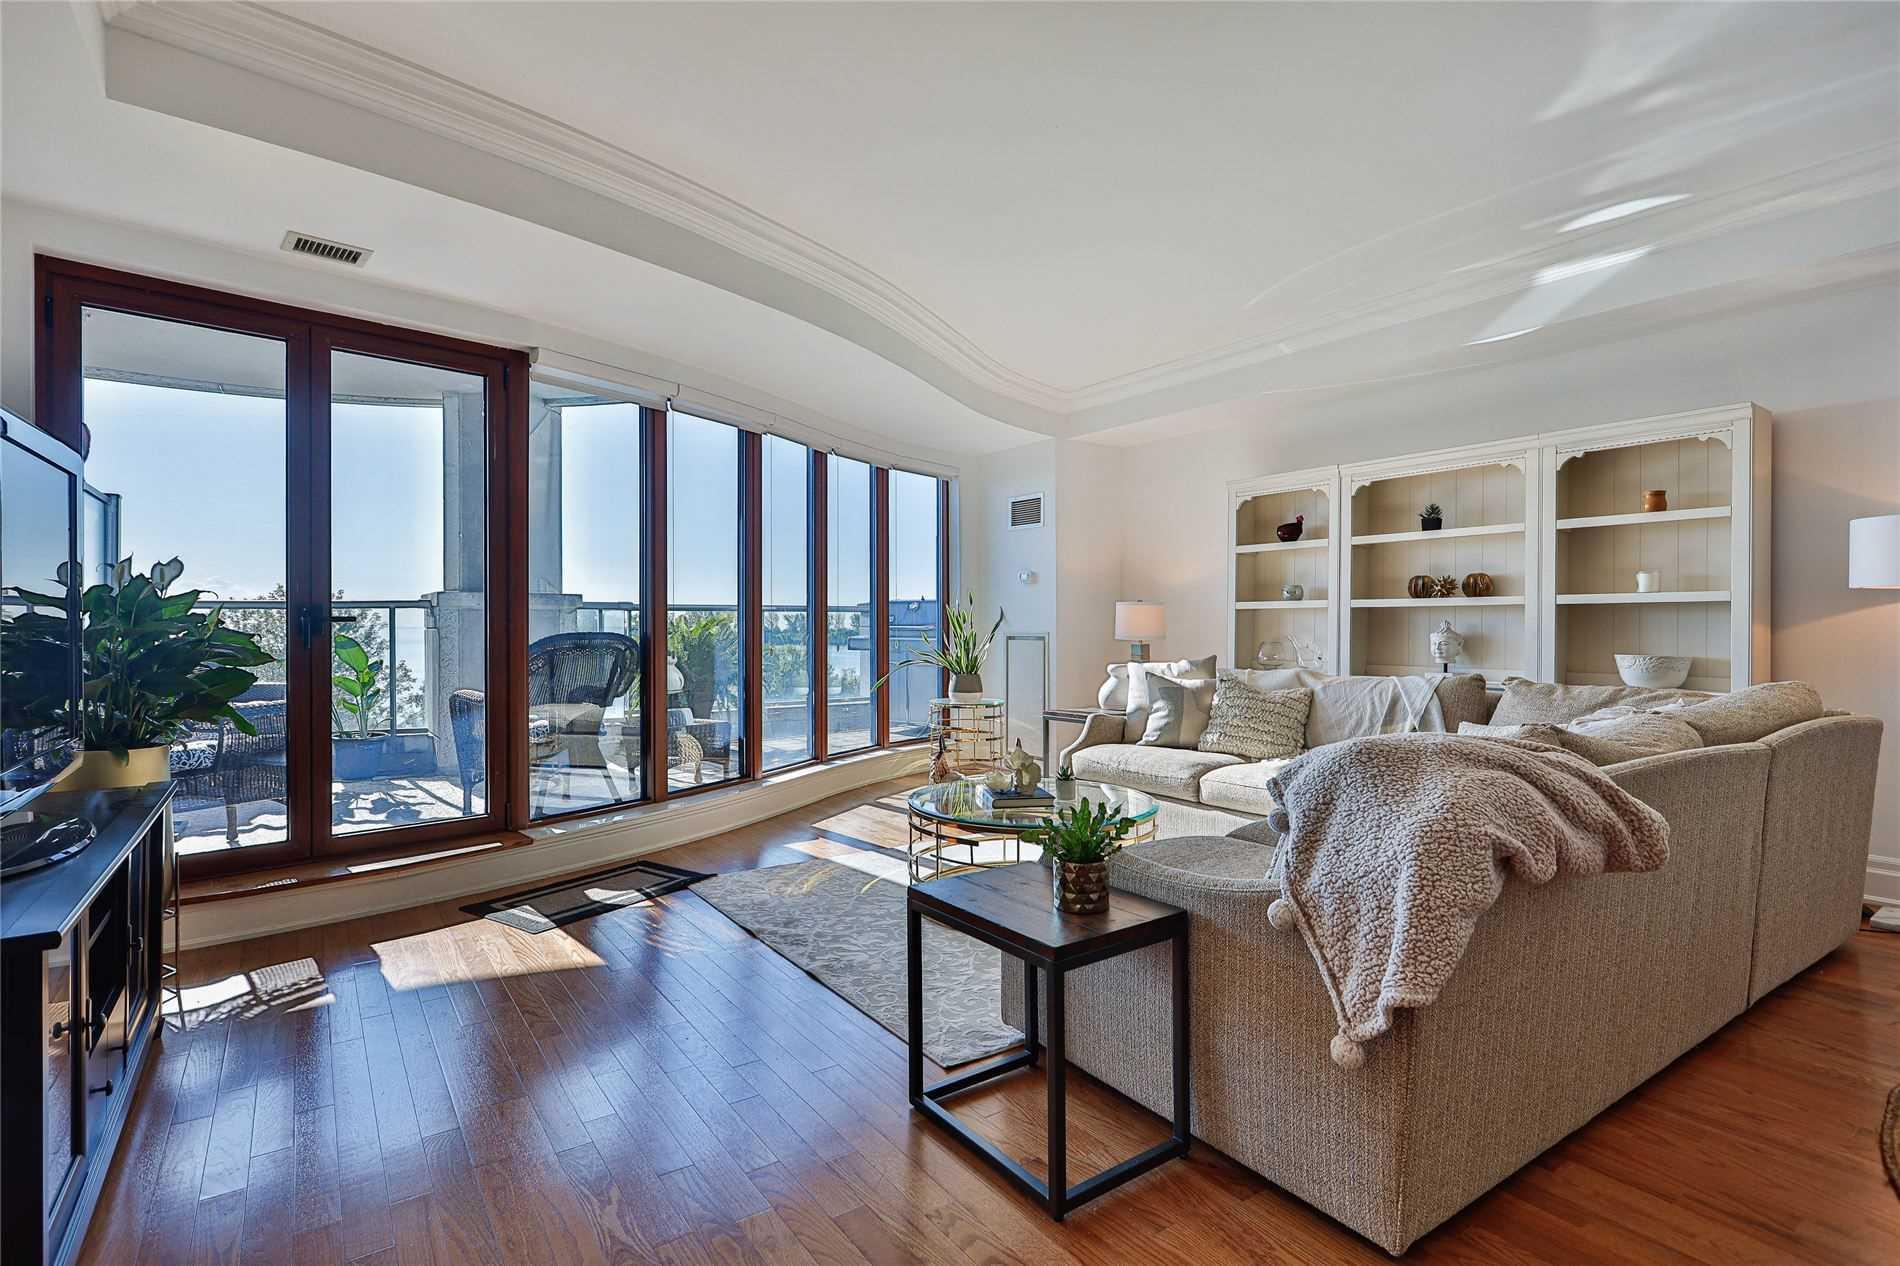 317 - 2095 Lake Shore Blvd W - Mimico Condo Apt for sale, 2 Bedrooms (W5369727) - #10